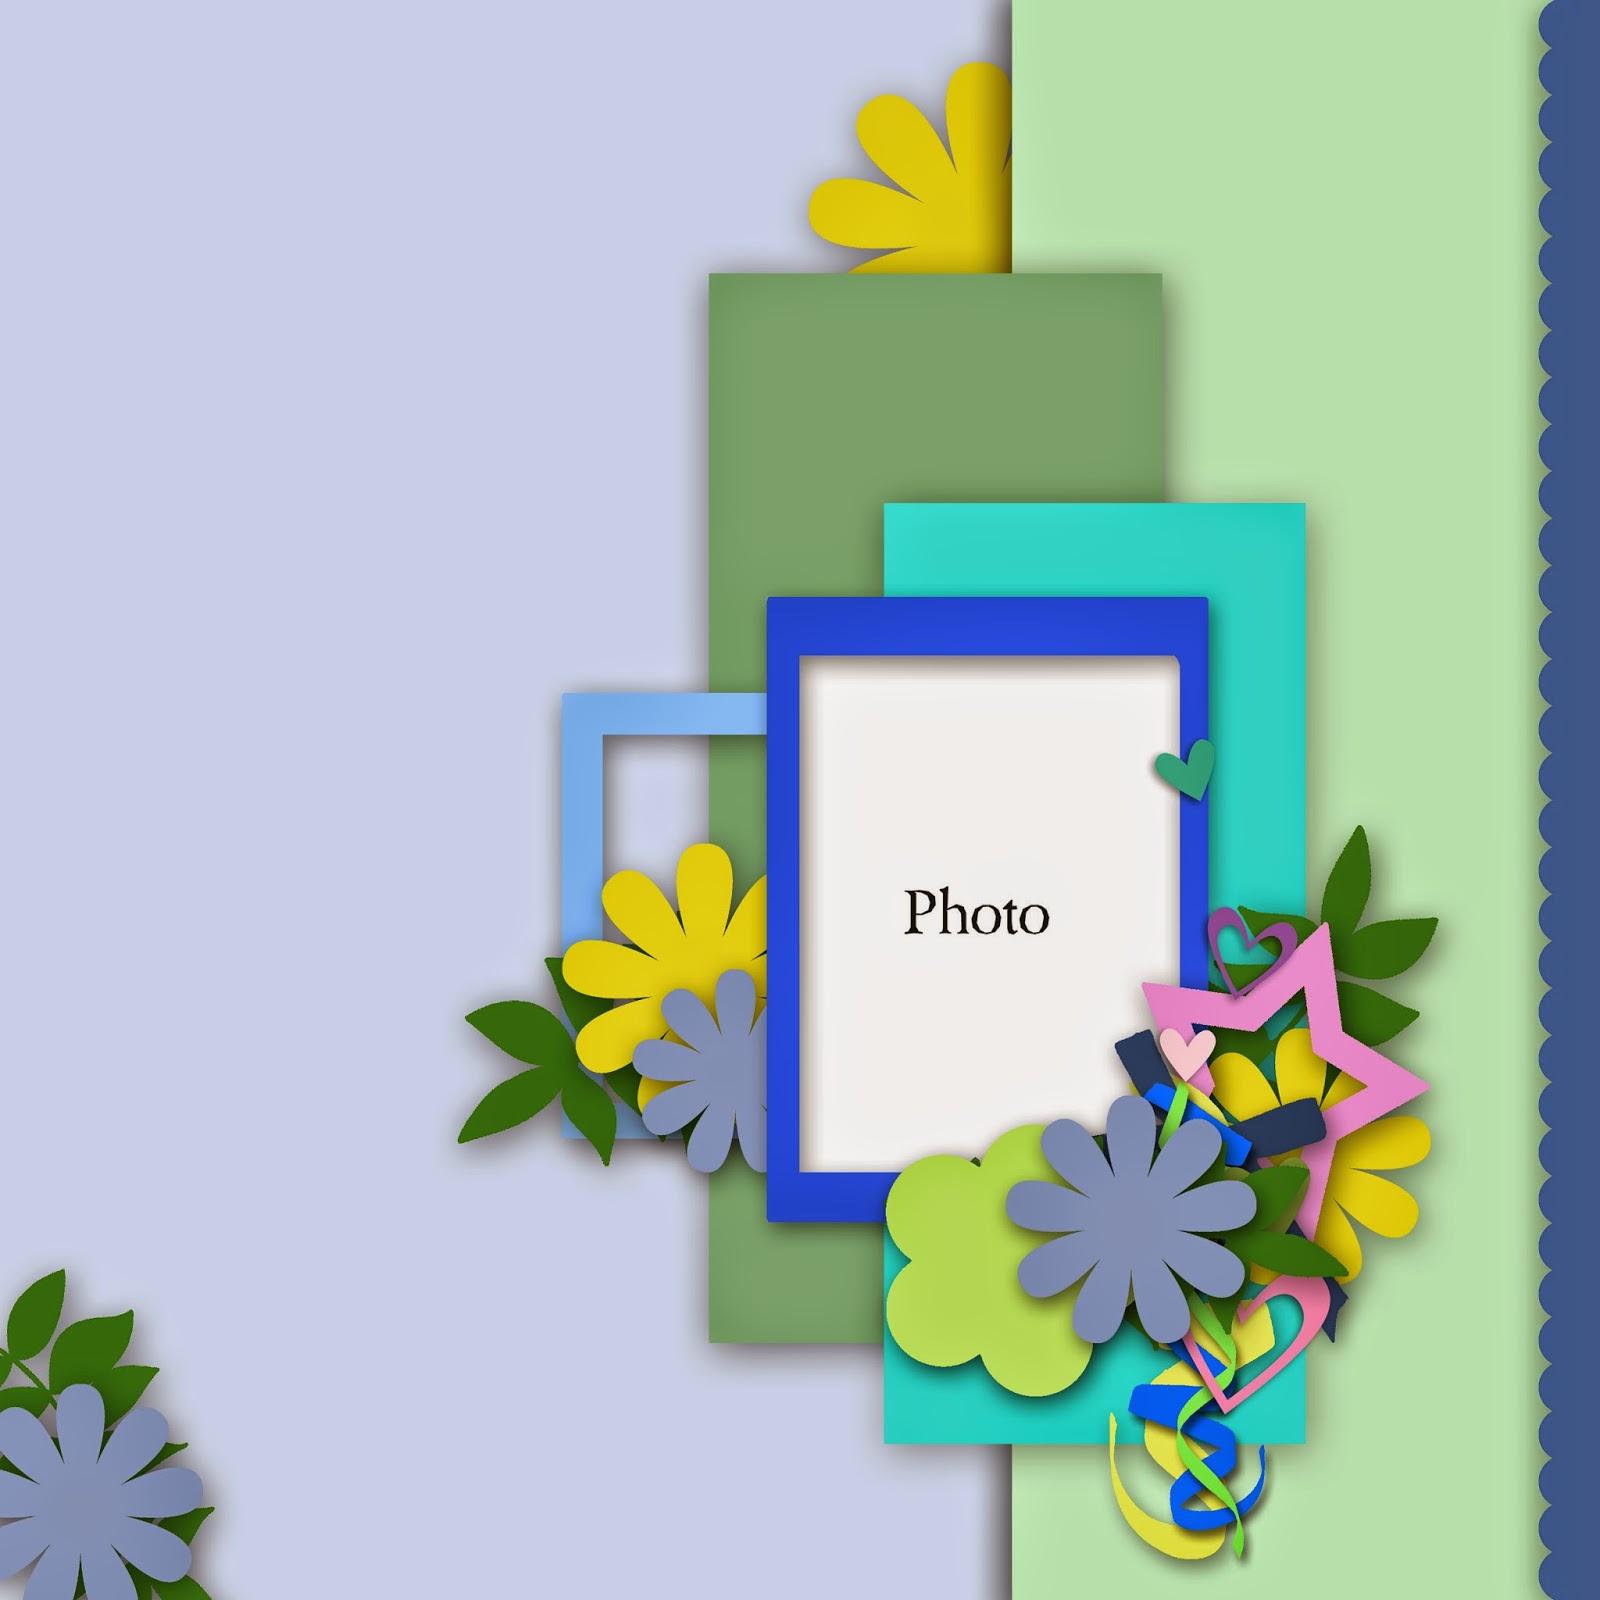 http://3.bp.blogspot.com/-fUM9rtXfiKg/VIZdv_LOoyI/AAAAAAAAA_Y/V_awRsjprgw/s1600/OklahomaDawn12_08_14_edited-1.jpg